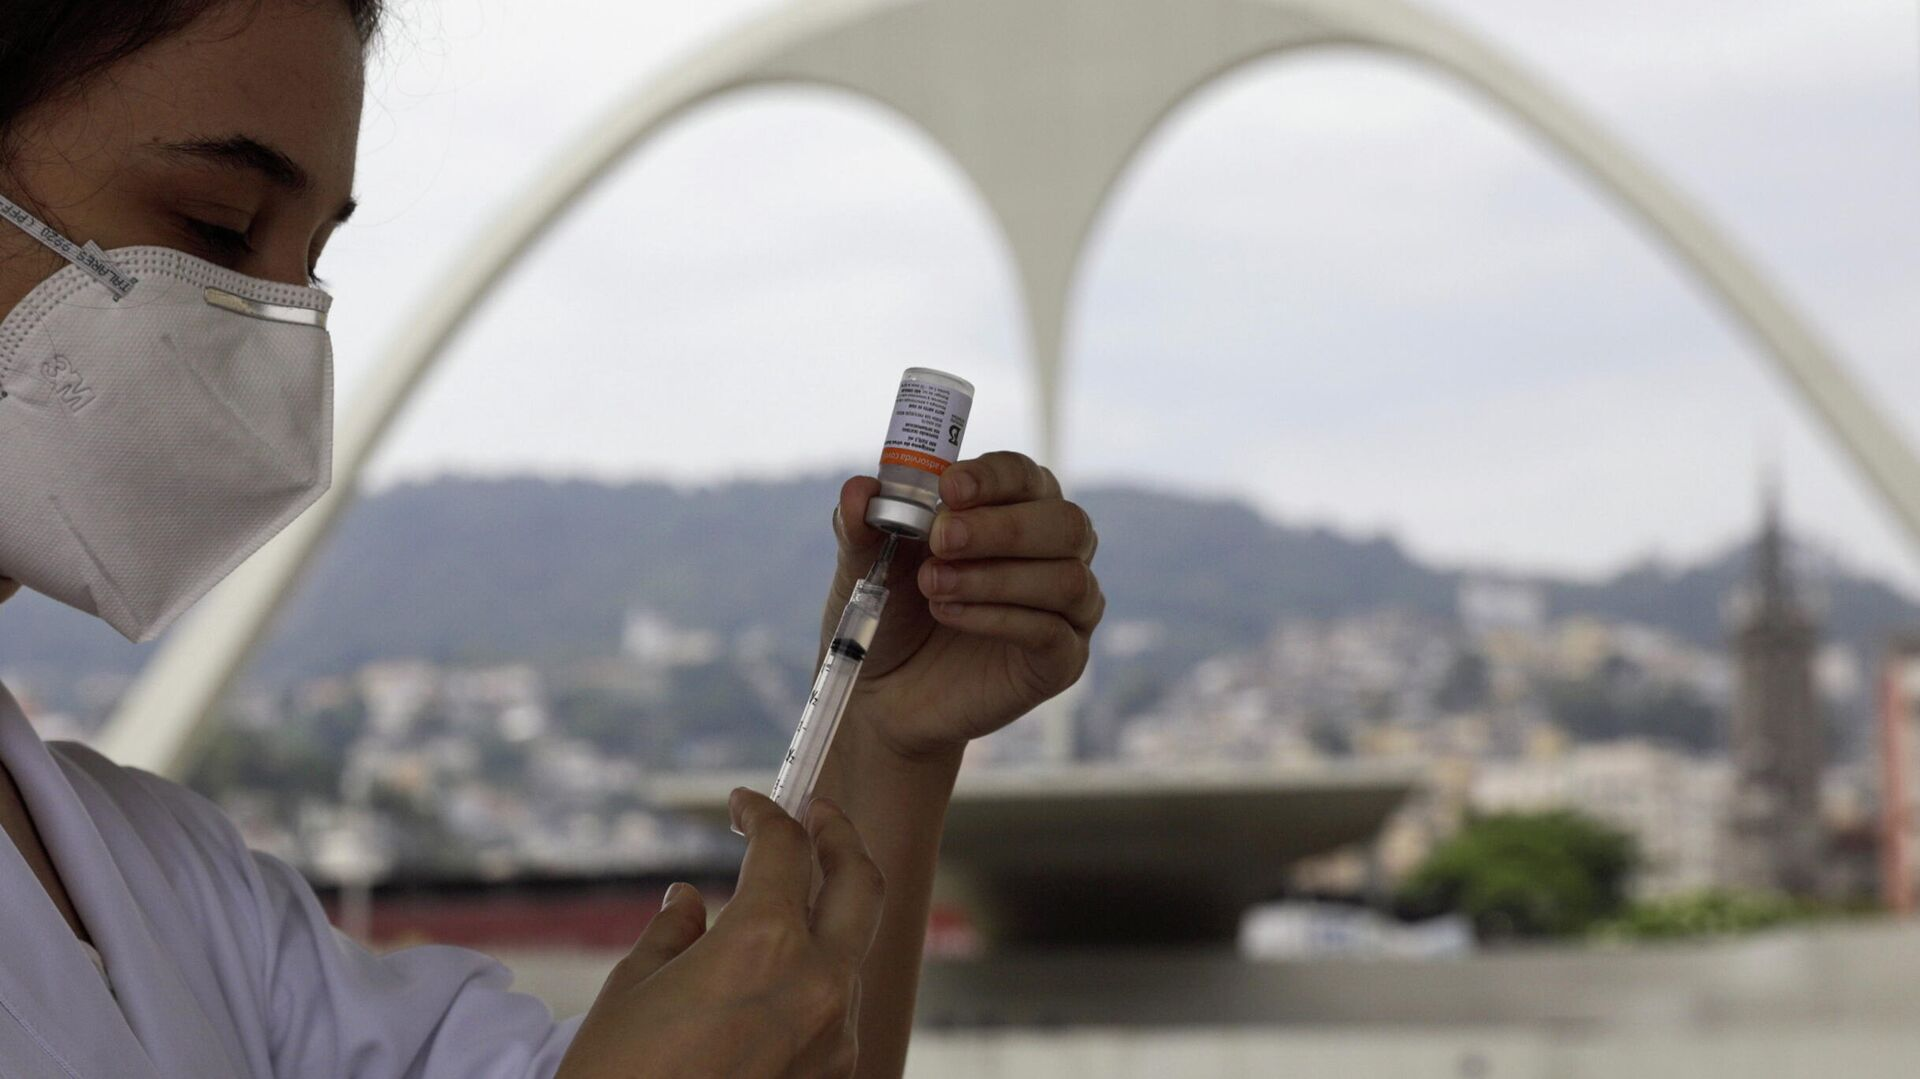 Enfermera con una vacuna contra COVID-19 en Río de Janeiro, Brasil - Sputnik Mundo, 1920, 11.08.2021